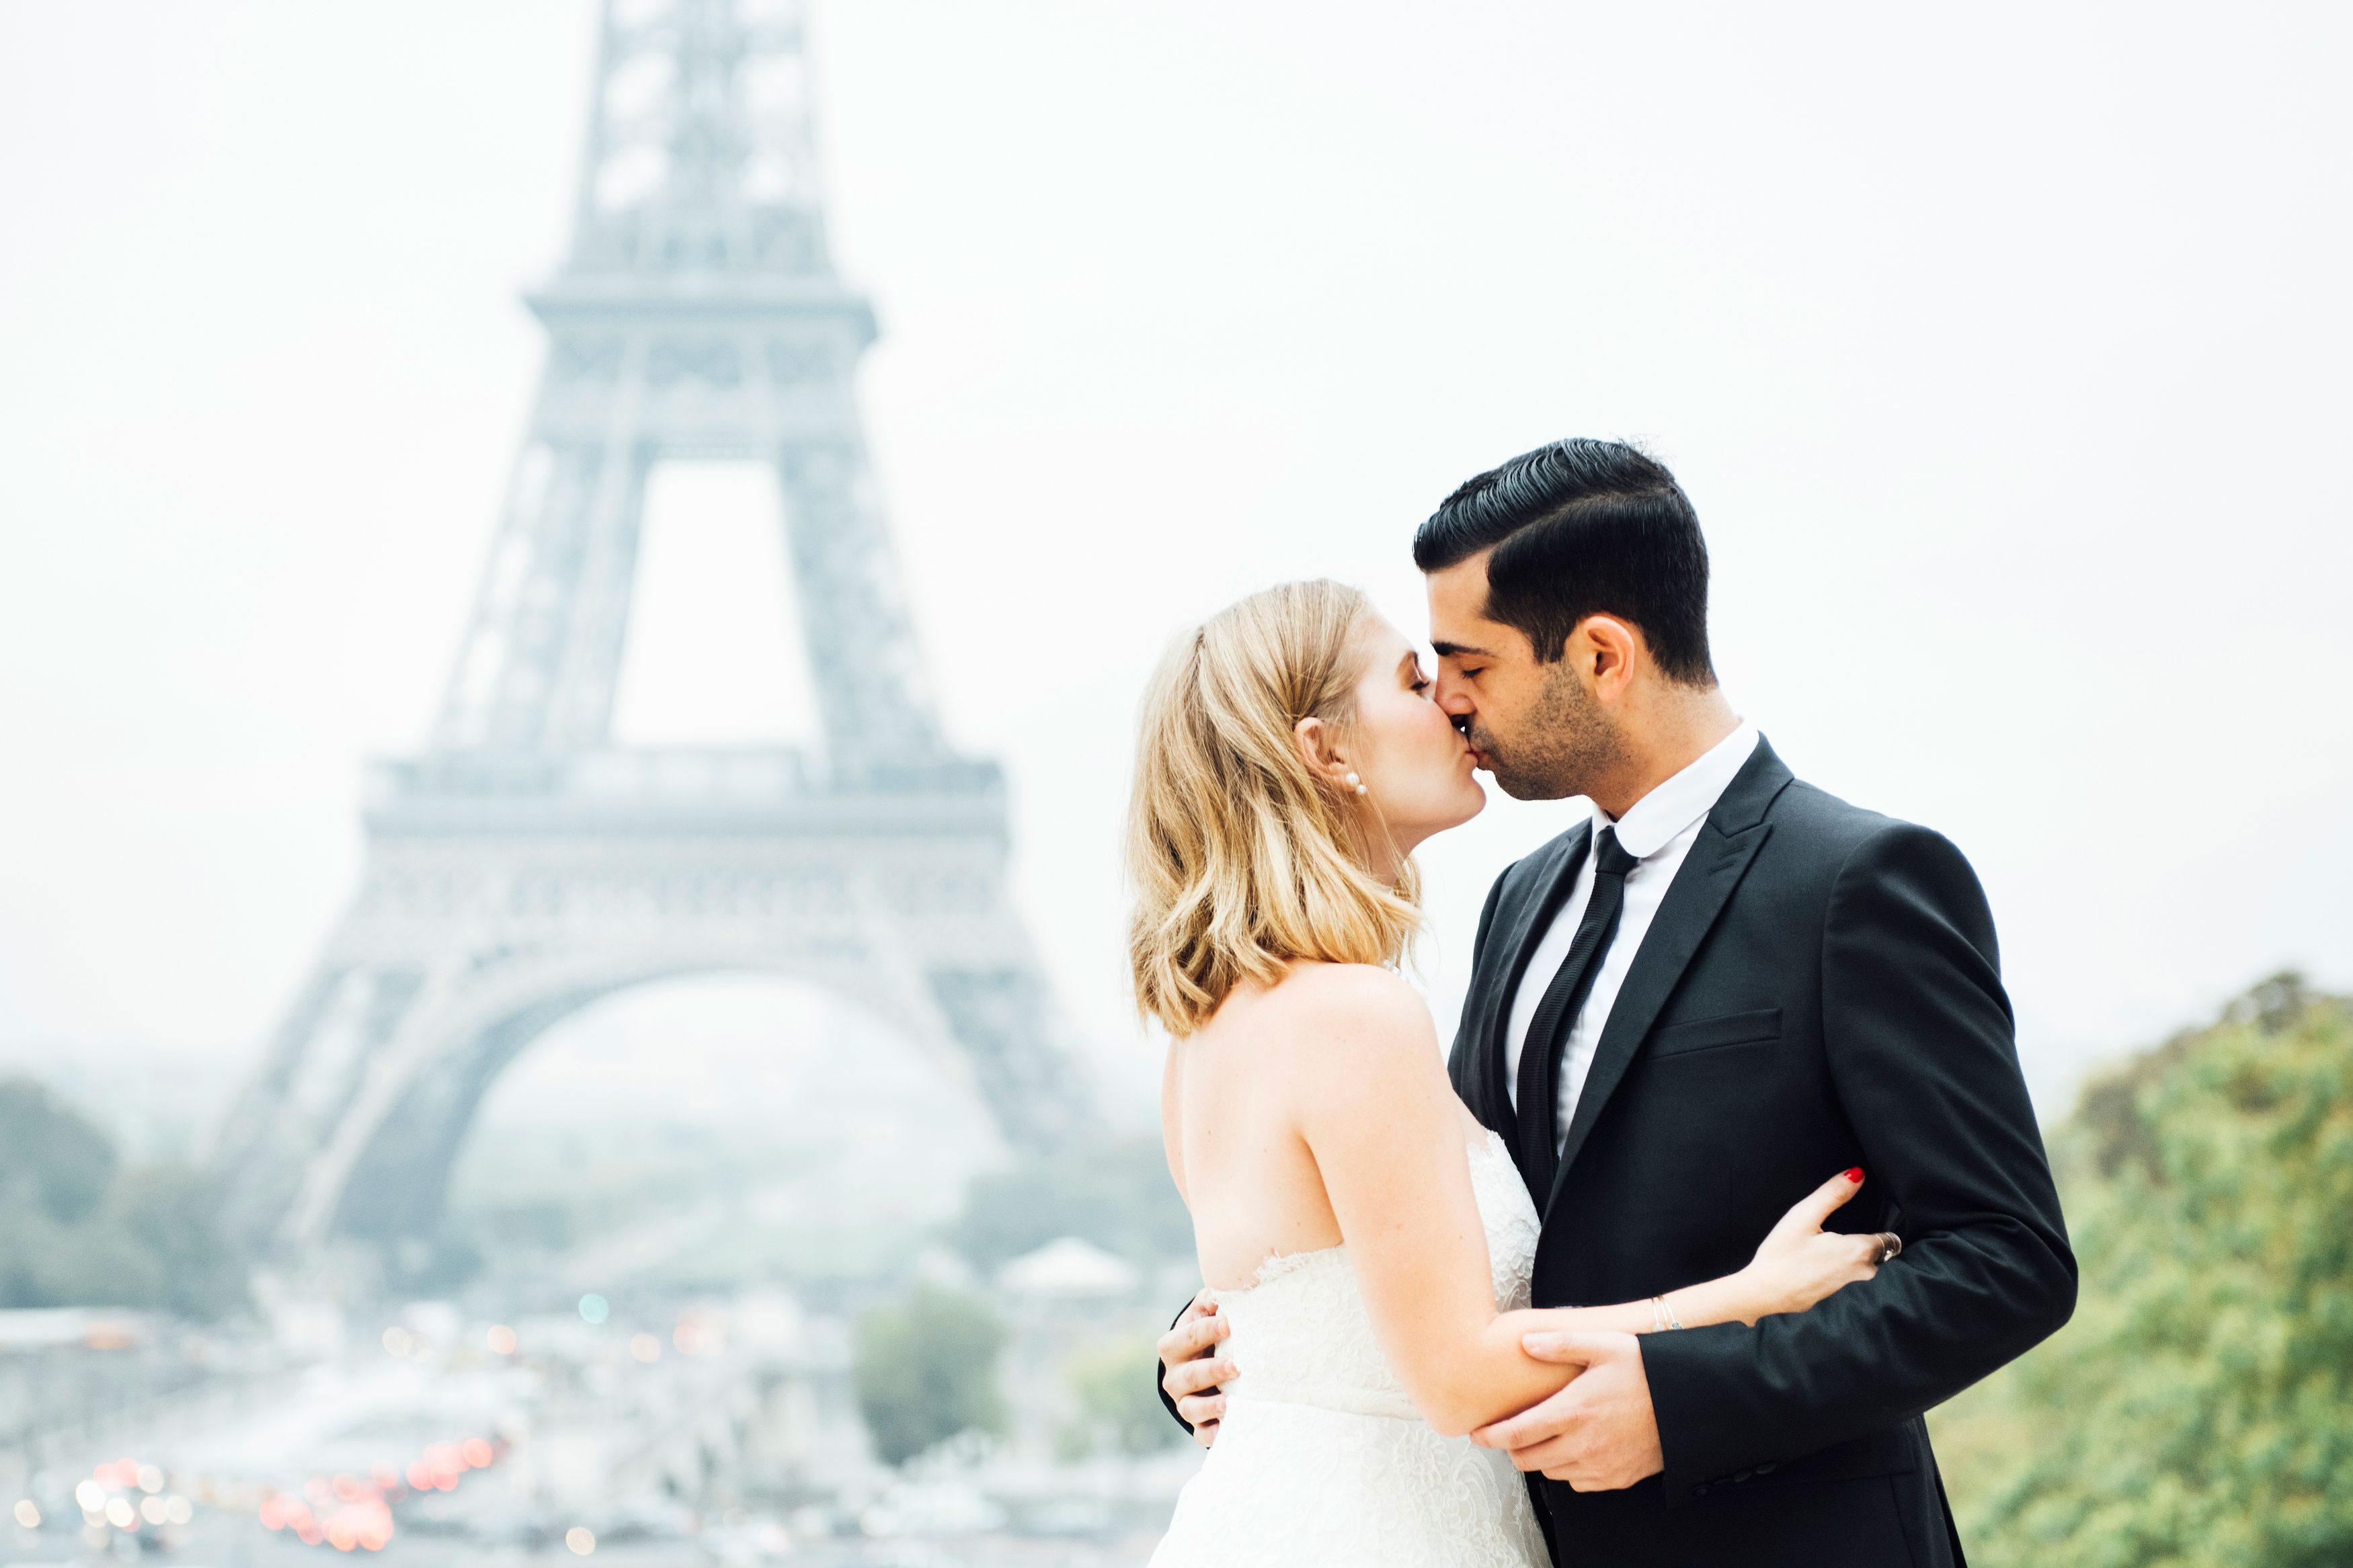 Engagement Photos Bridal Designer Sabrina Dahan's Paris E